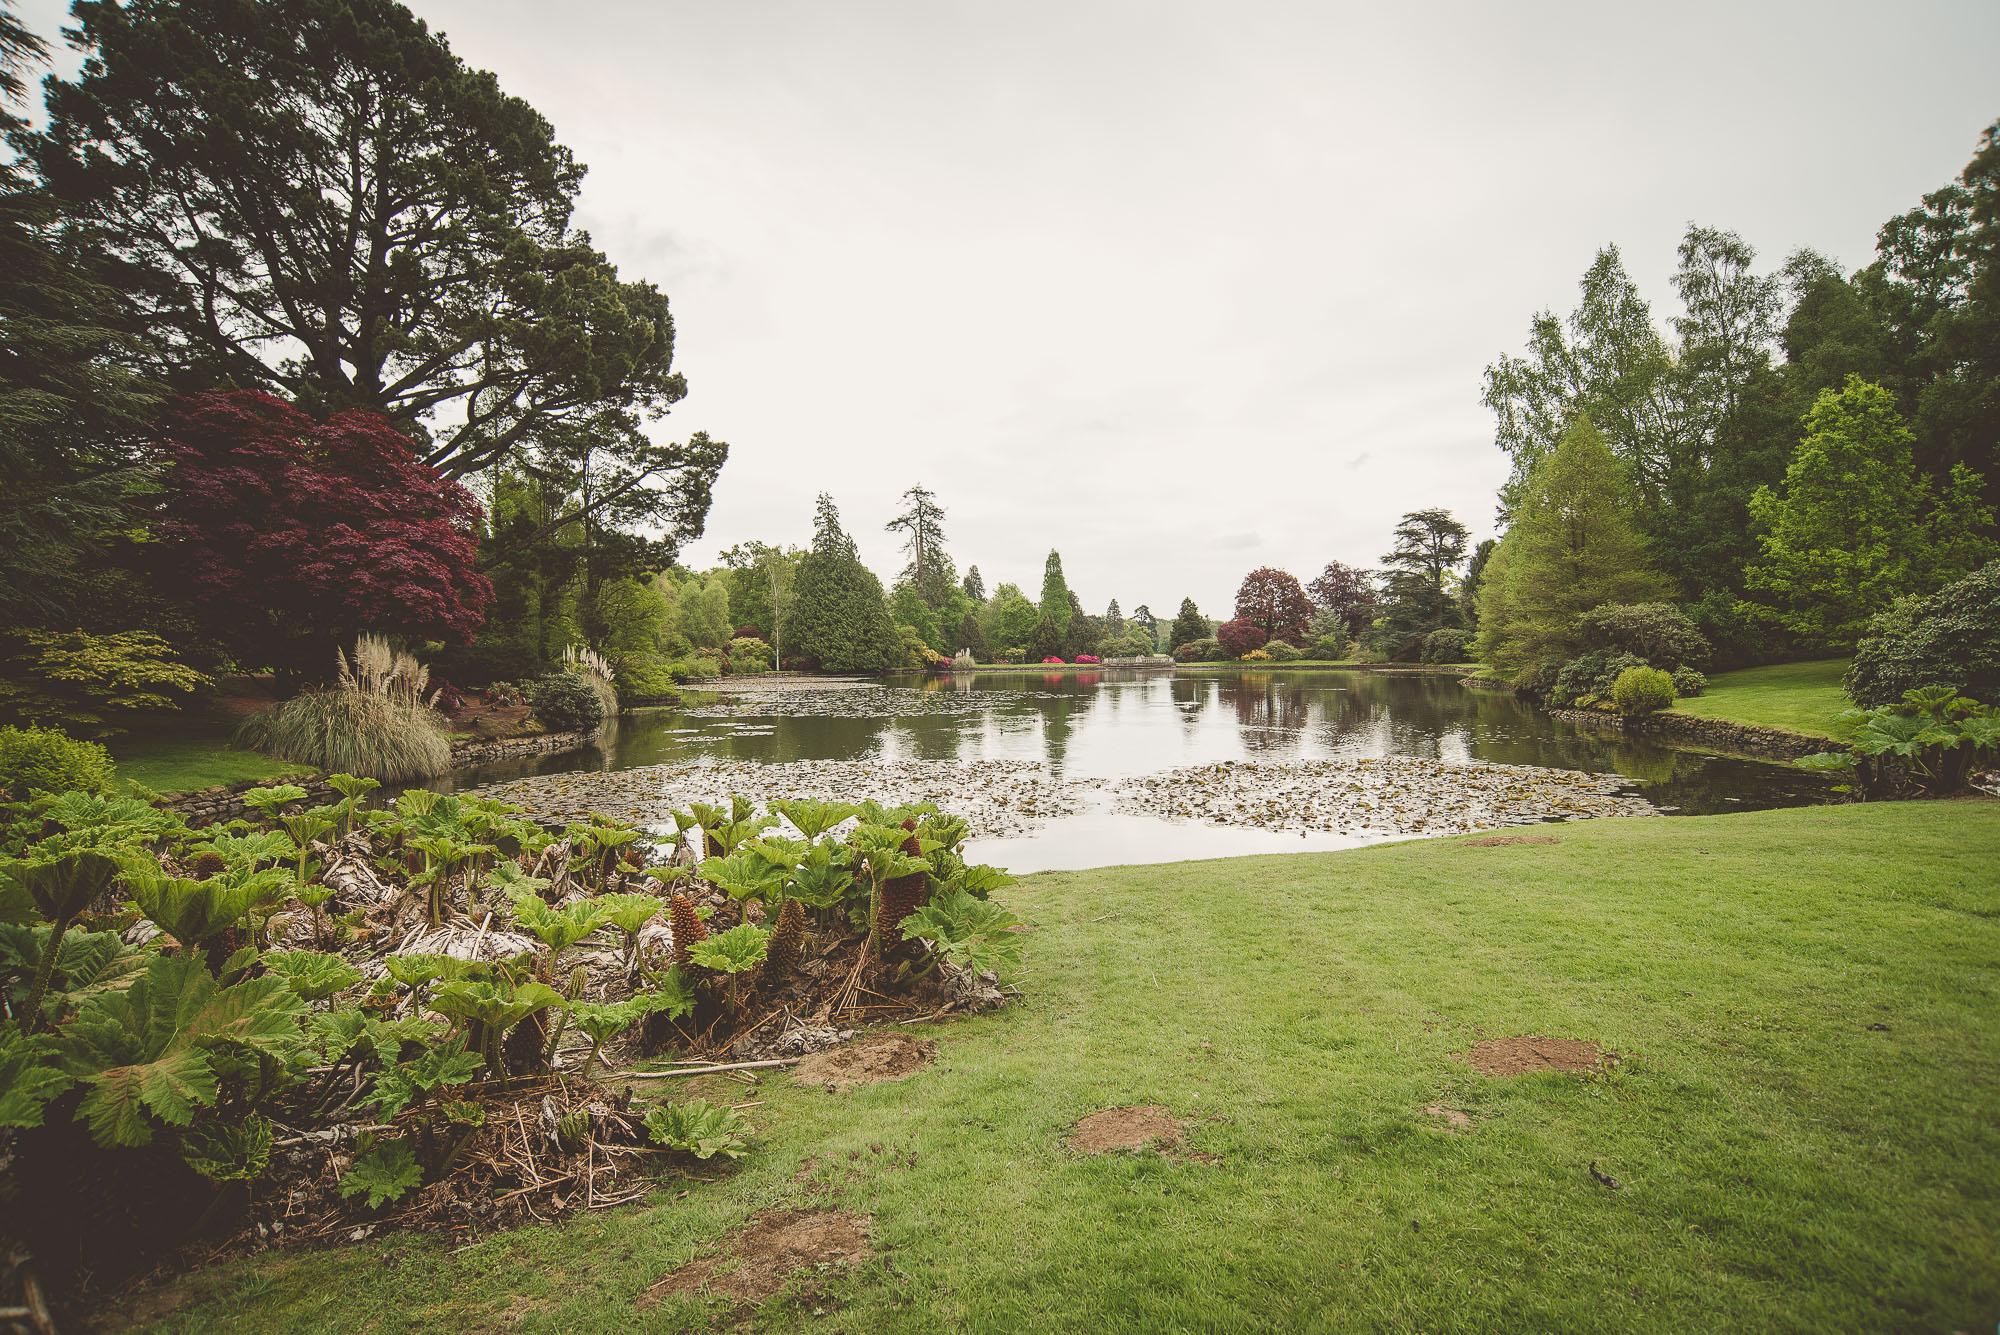 Sheffield Park & Garden, National Trust